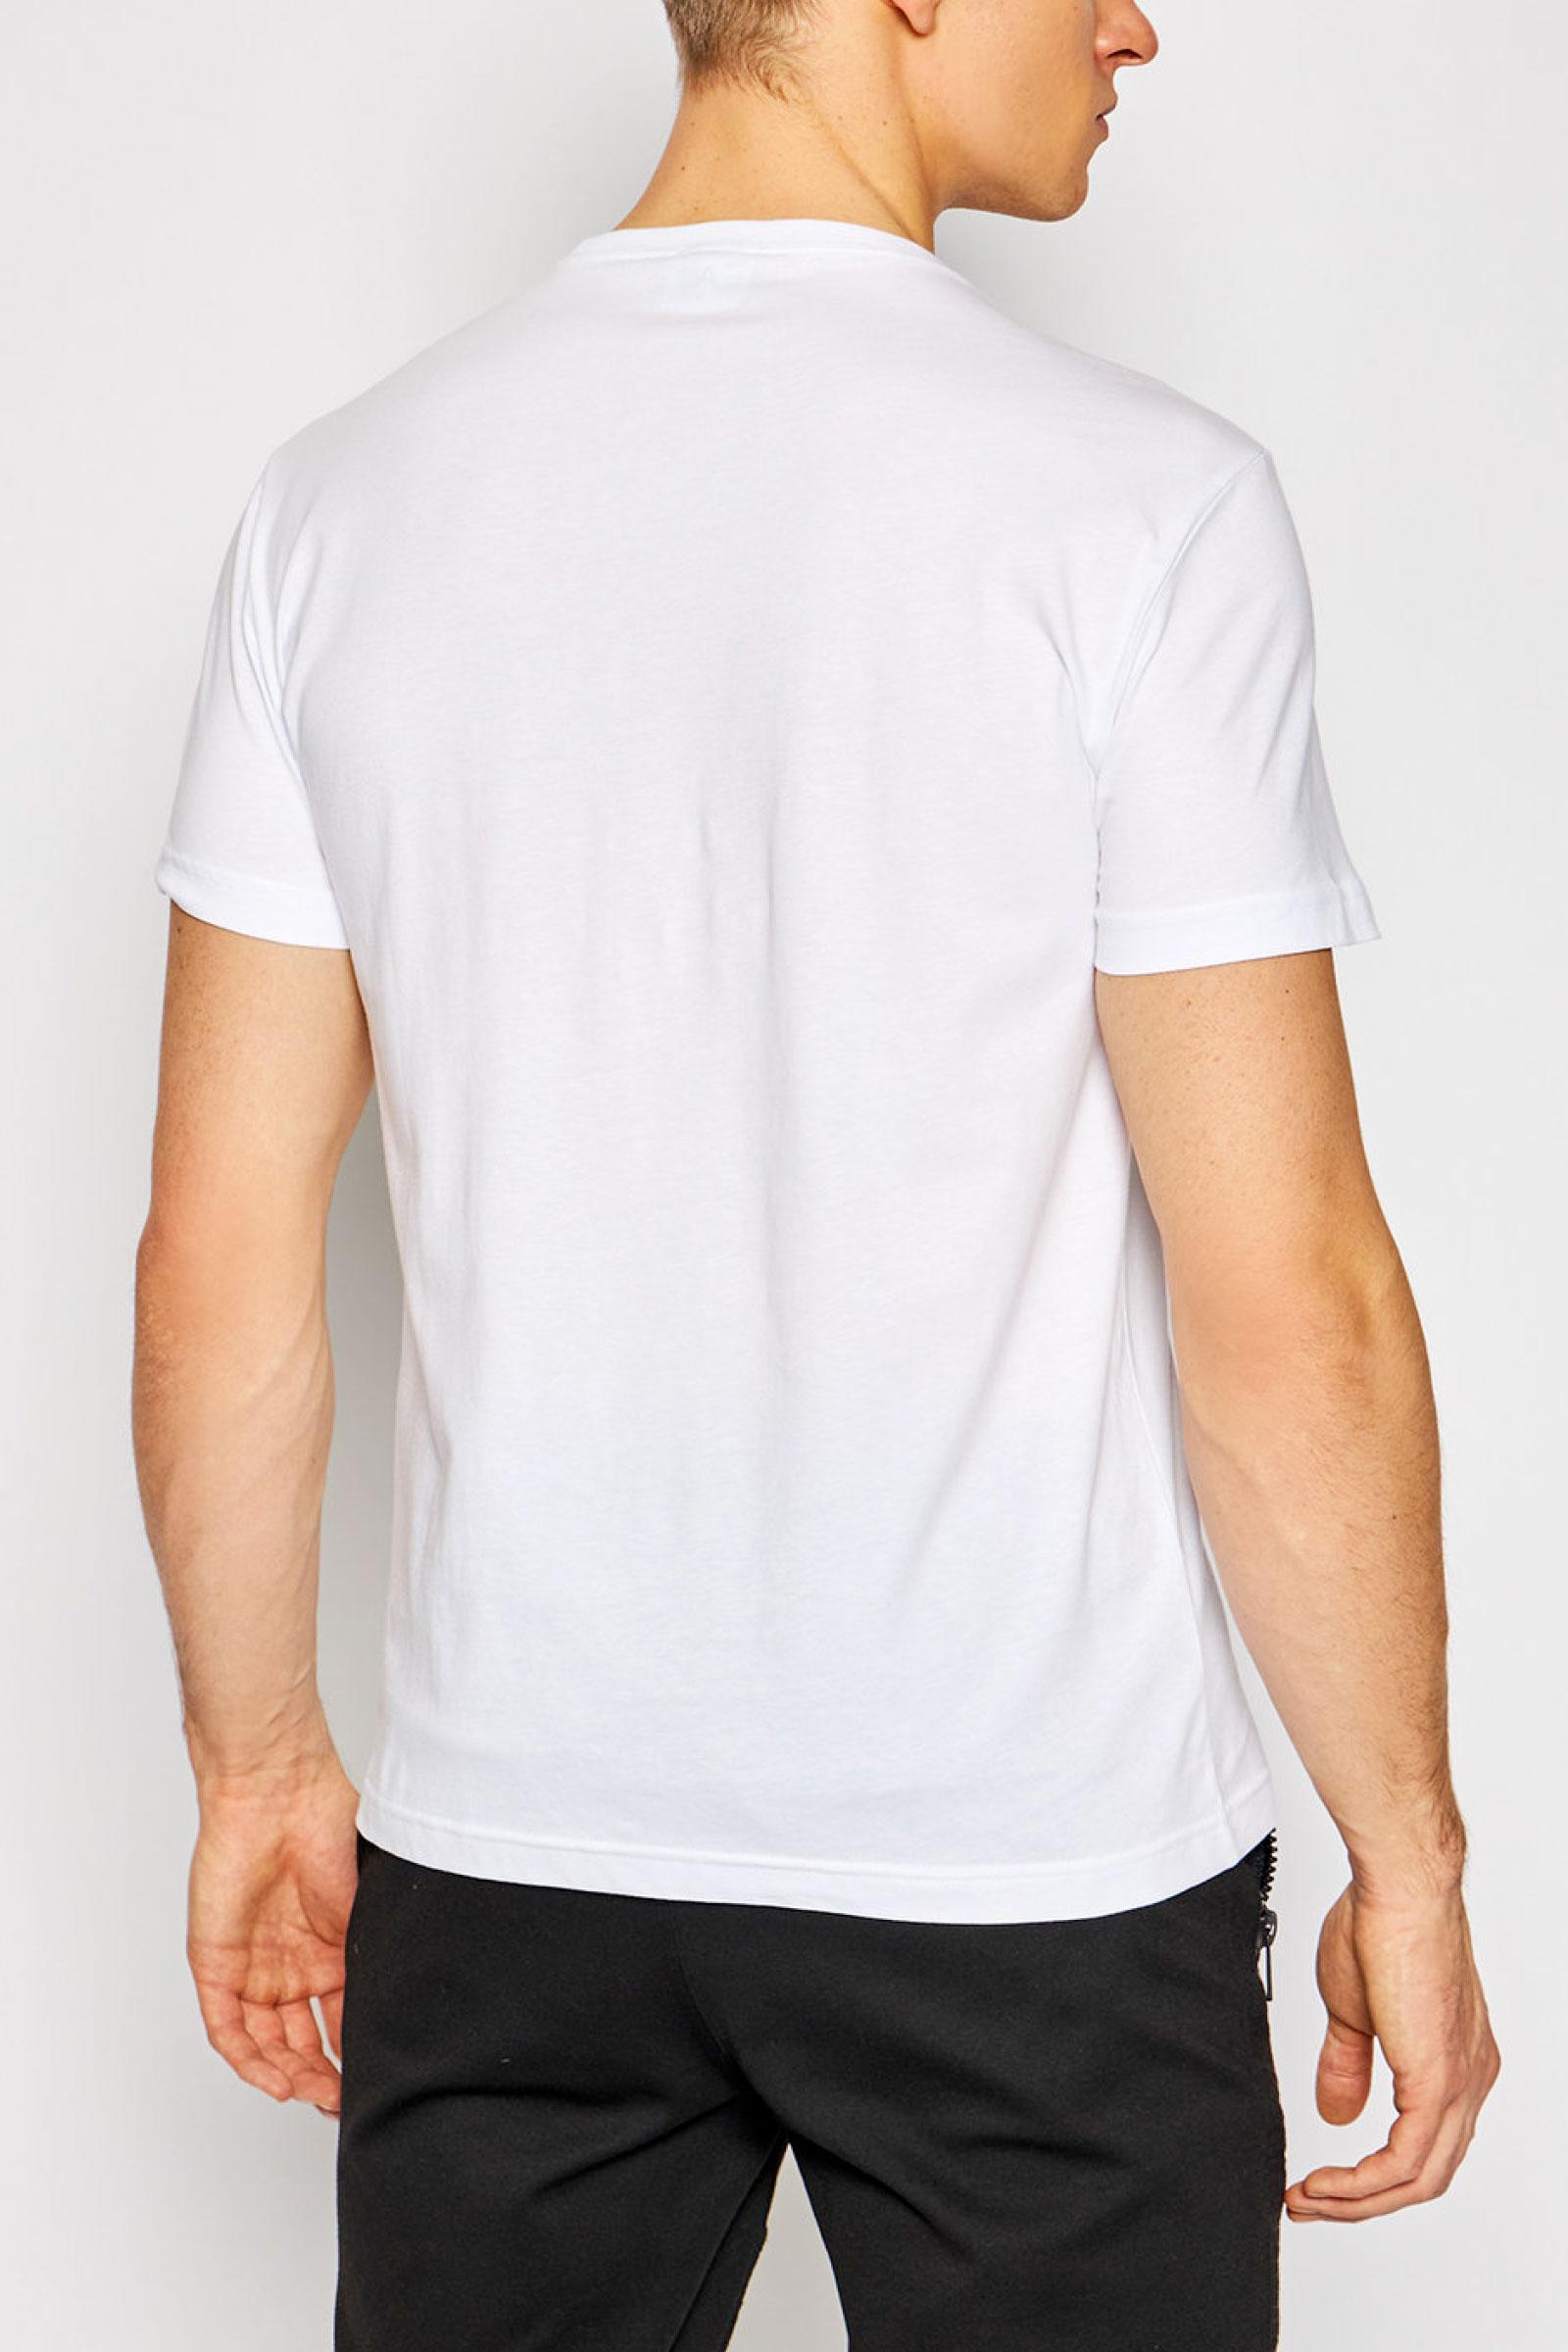 ARMANI EA7 Men's T-Shirt ARMANI EA7 | T-Shirt | 3KPT12 PJ7CZ1100